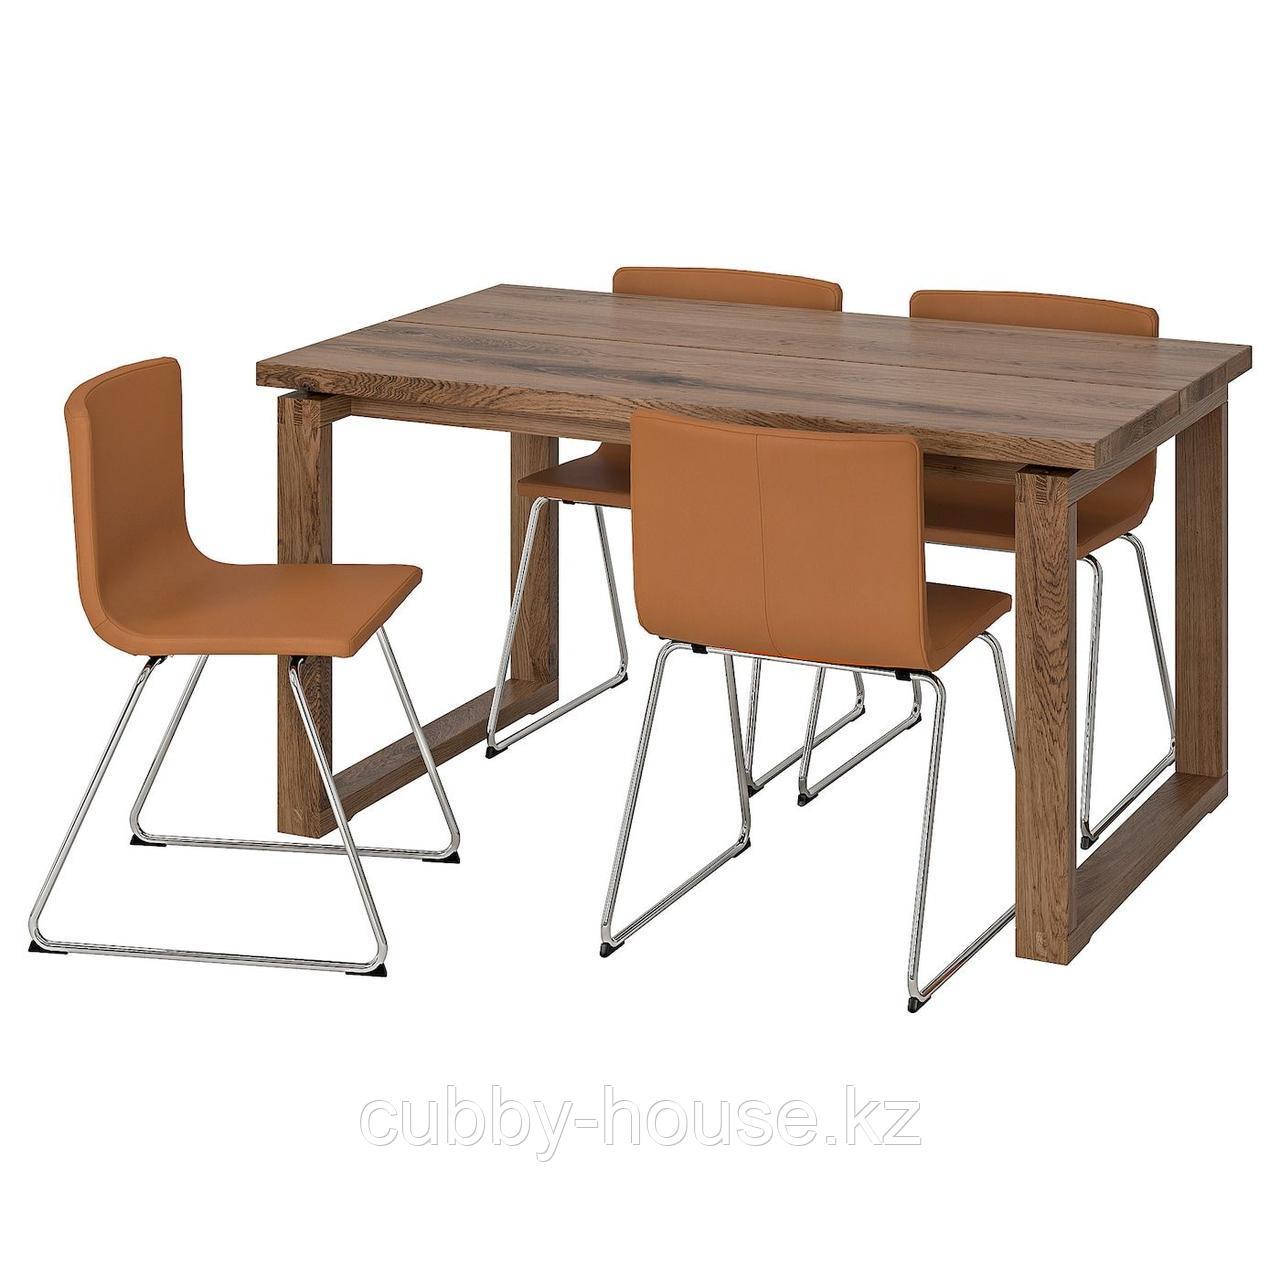 МОРБИЛОНГА / БЕРНГАРД Стол и 4 стула, дубовый шпон, Мьюк золотисто-коричневый, 140x85 см